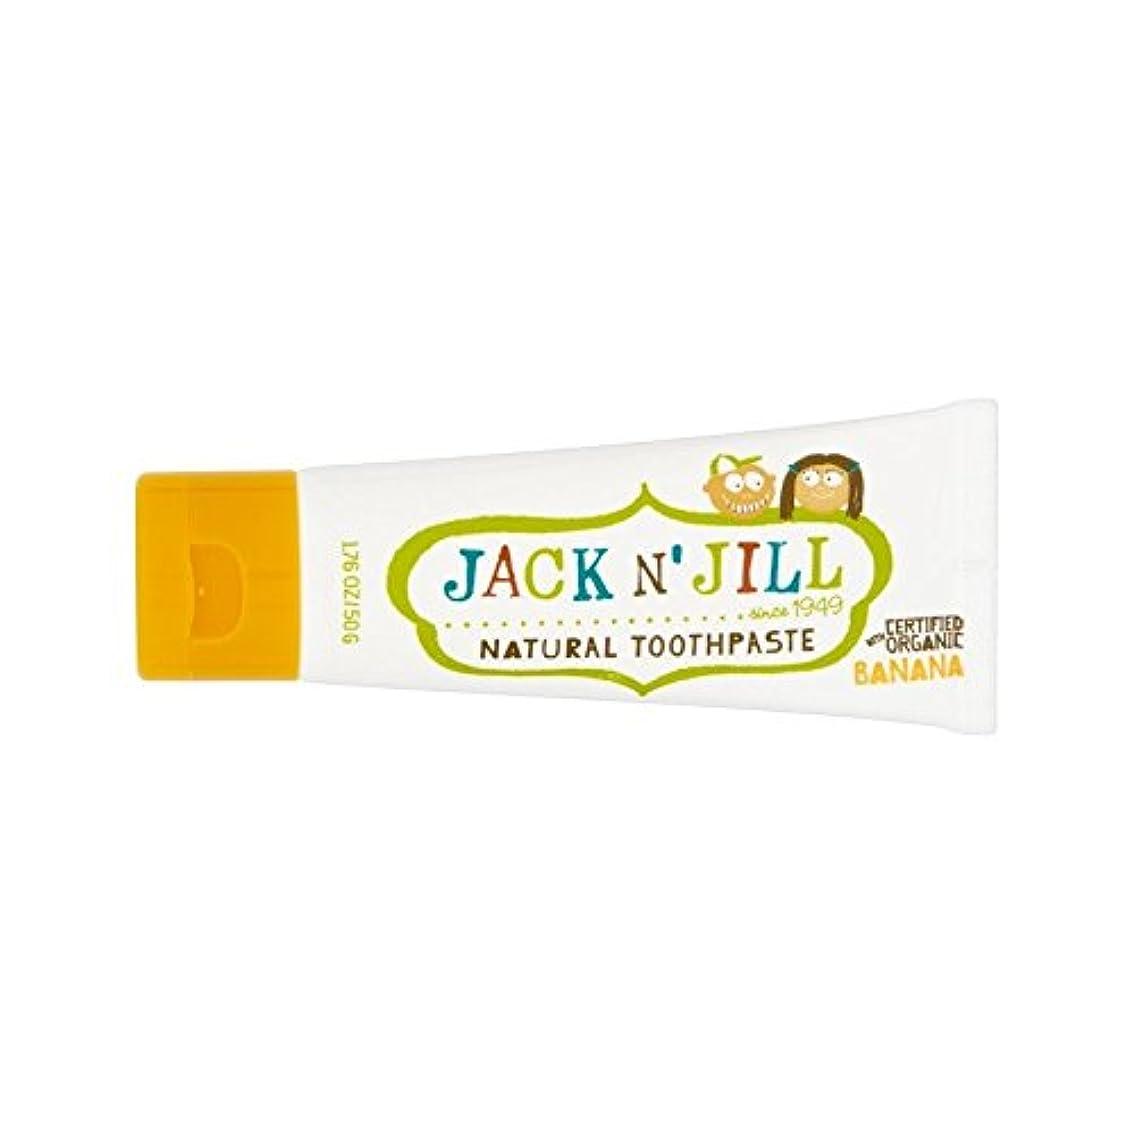 娘排出天窓有機香味50グラムと自然バナナ歯磨き粉 (Jack N Jill) - Jack N' Jill Banana Toothpaste Natural with Organic Flavouring 50g [並行輸入品]